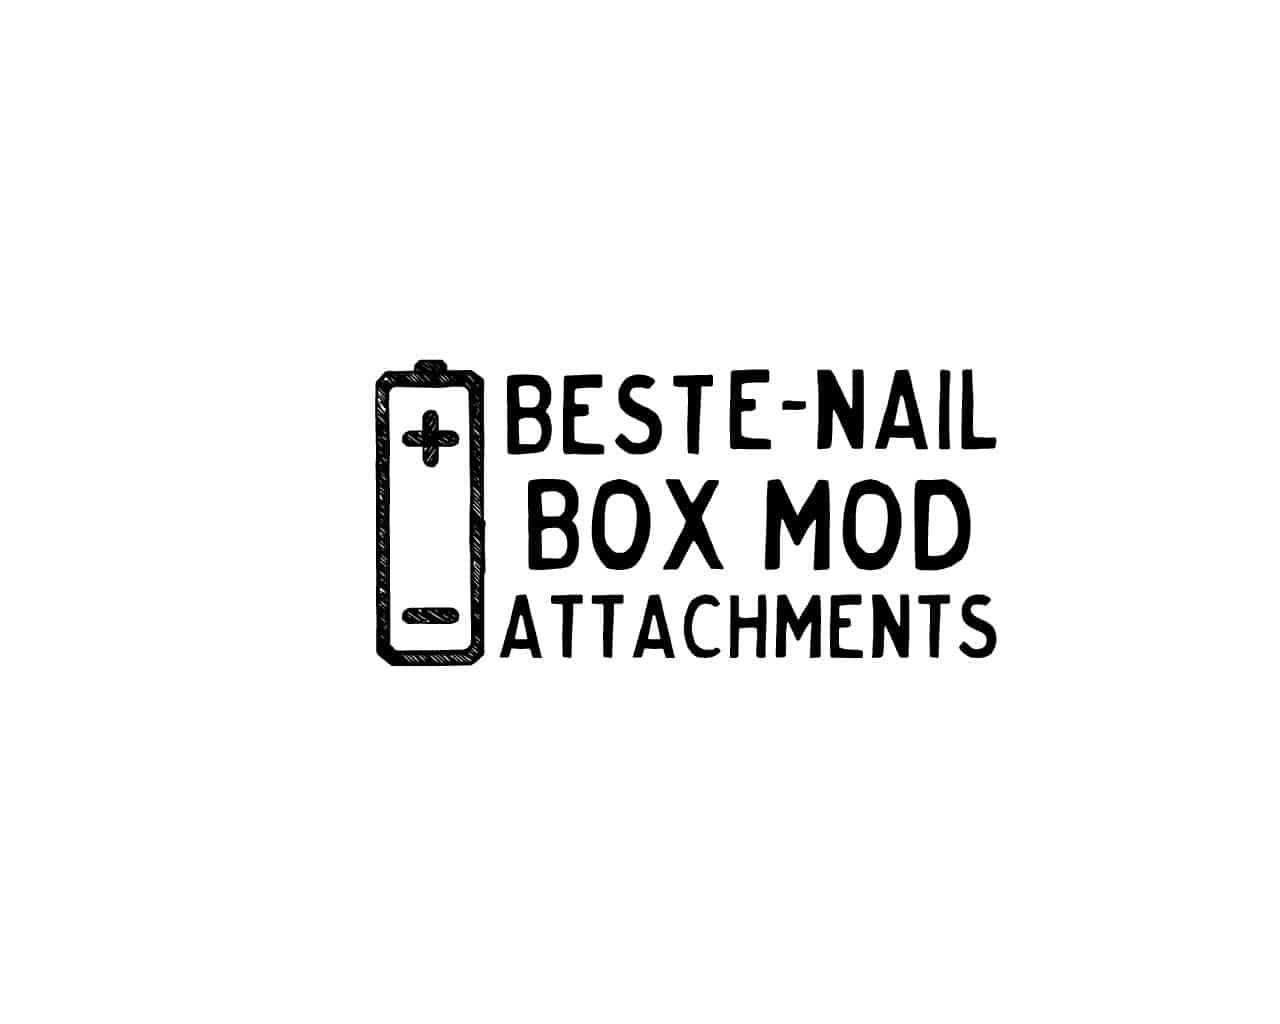 Best e-nail box mod attachments